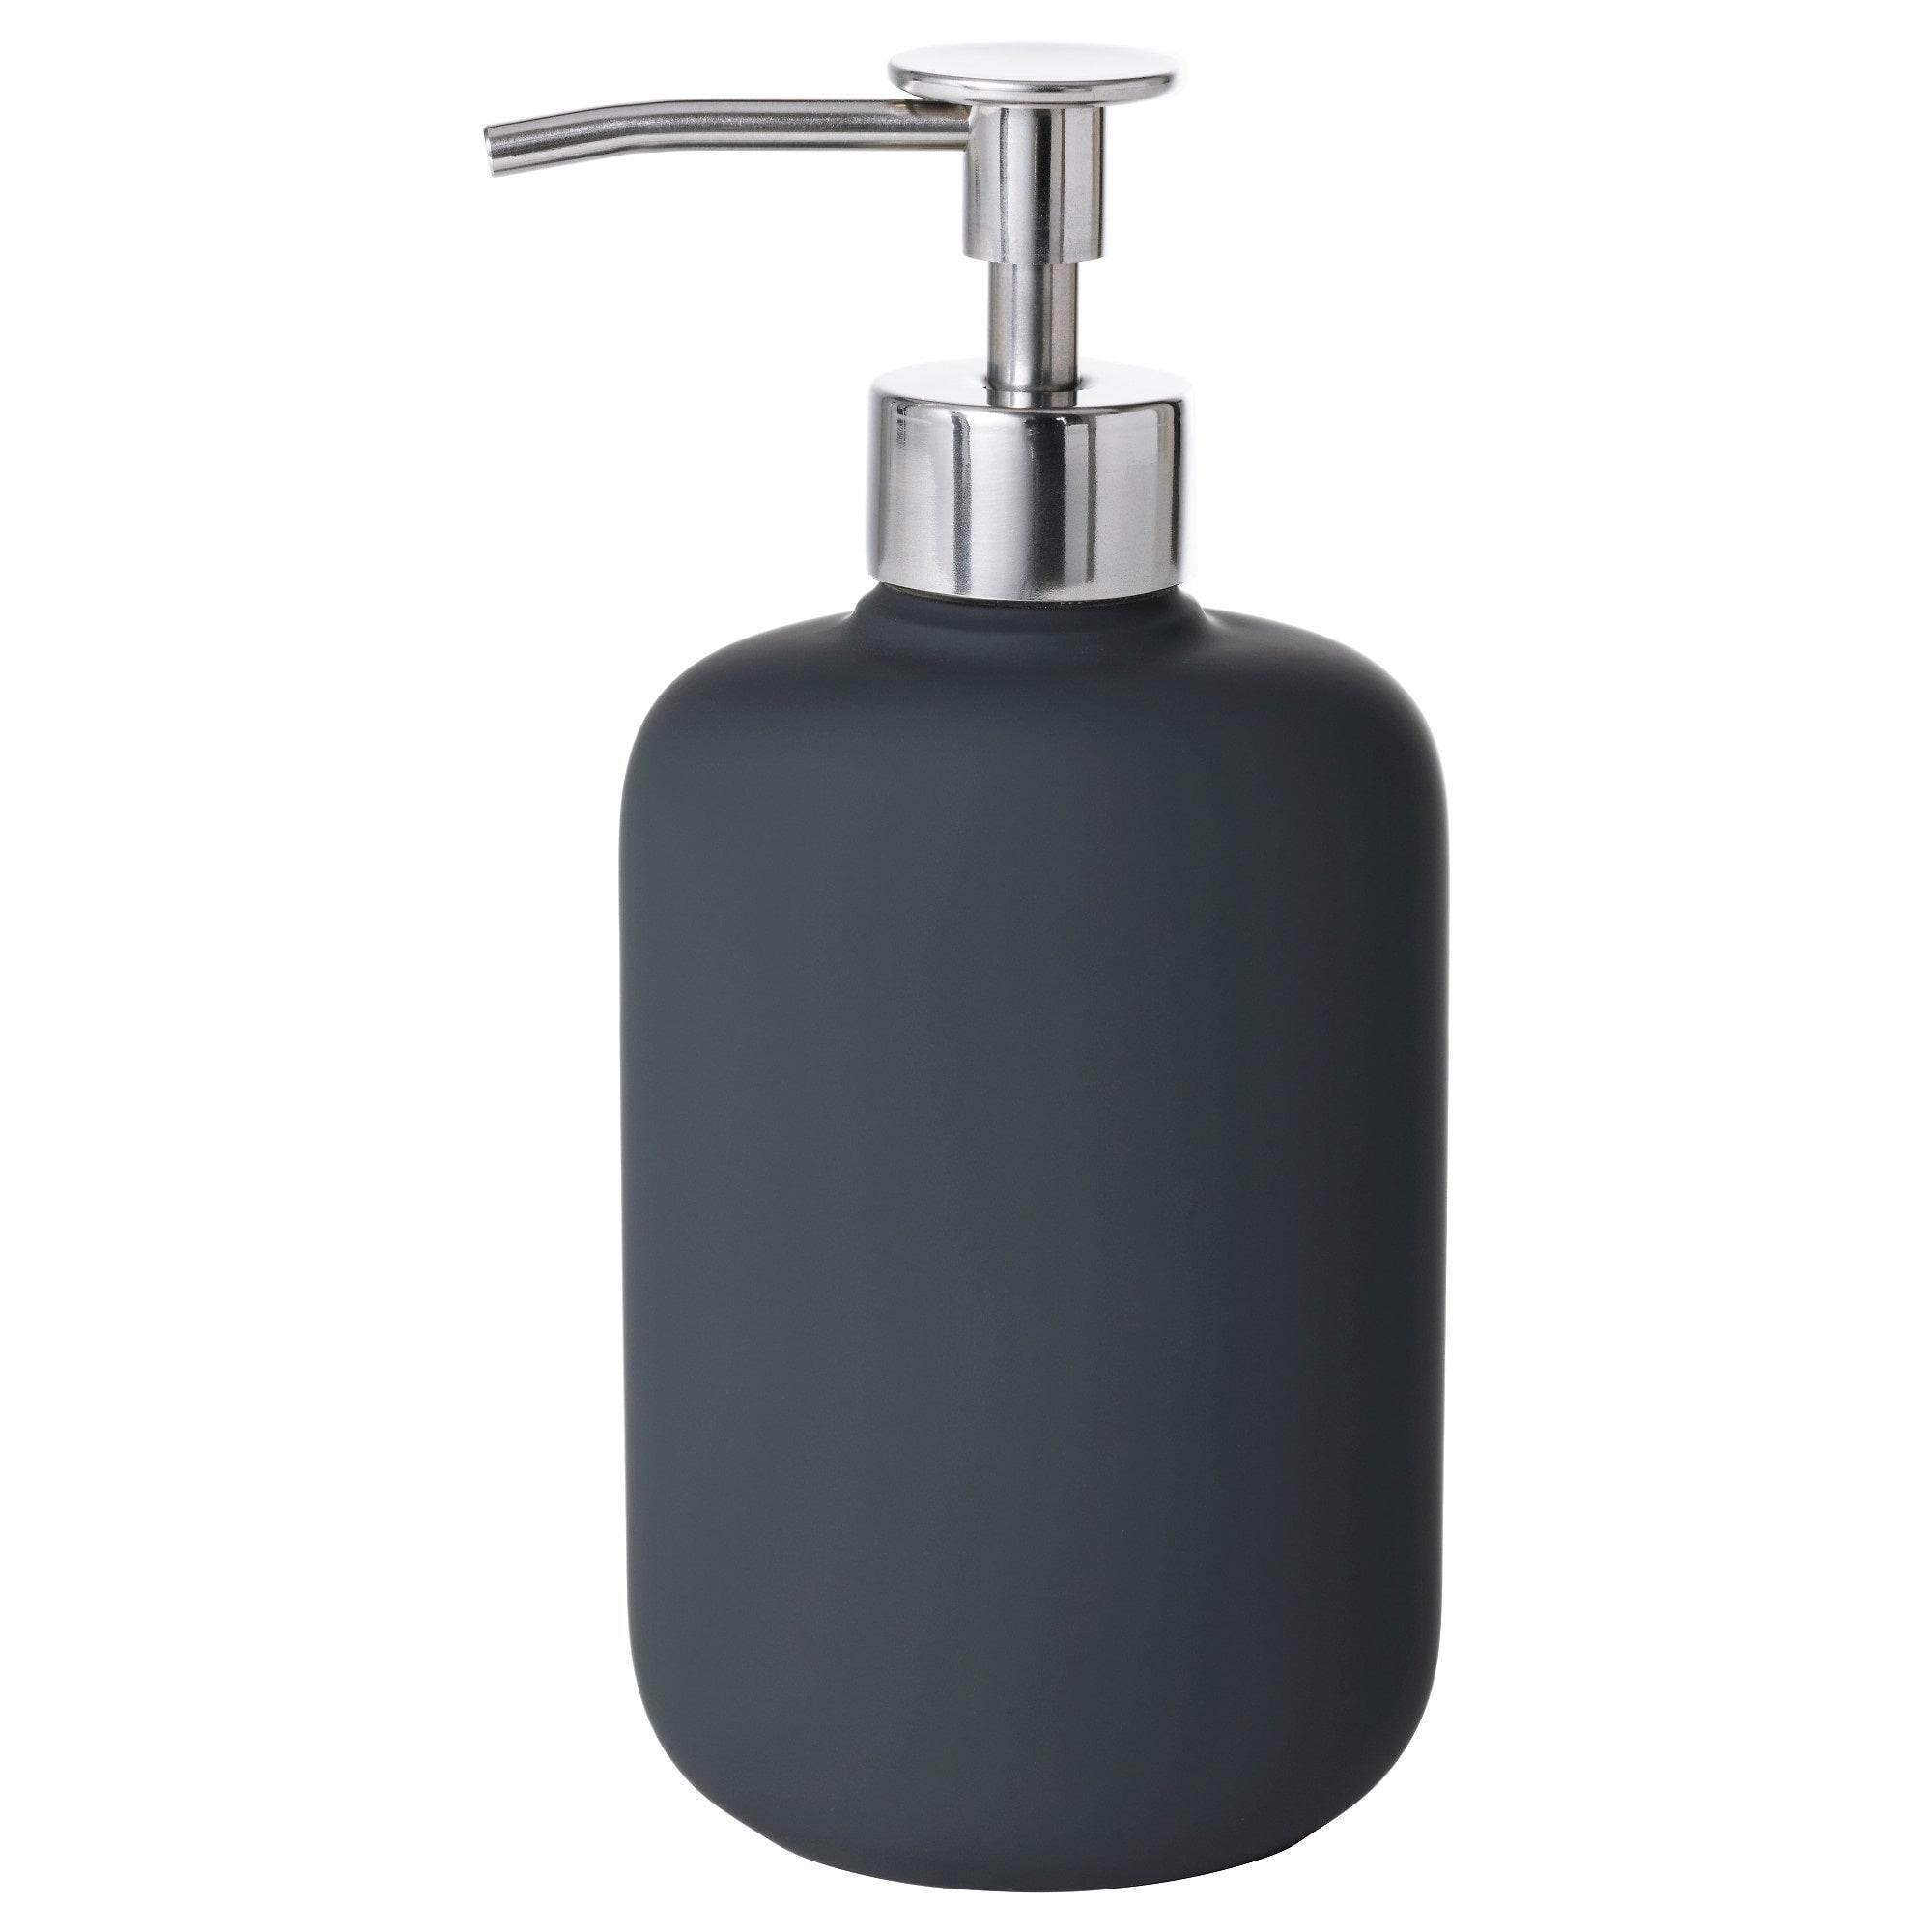 Ikea Ekoln Soap Dispenser, Dark Grey By Mujiten.